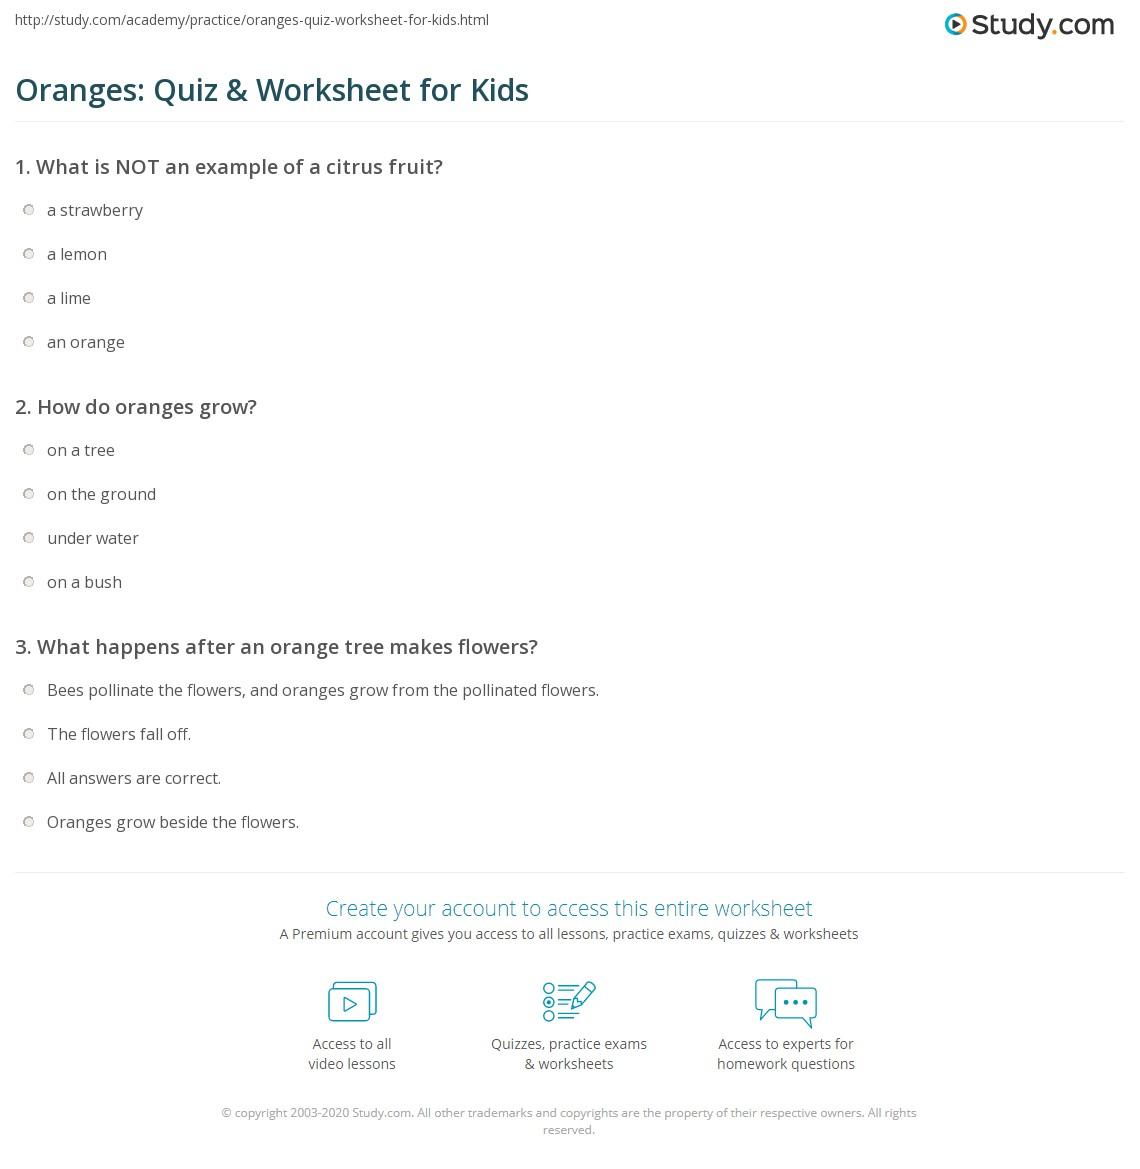 Oranges Quiz Amp Worksheet For Kids